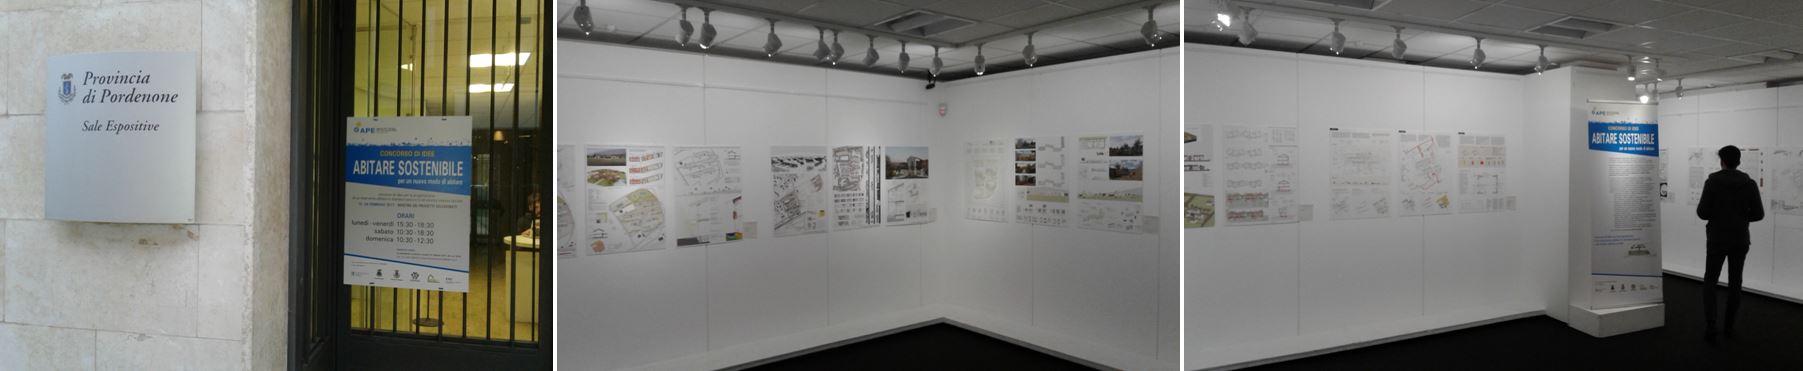 """Concorso di idee """"Abitare sostenibile"""" - APE FVG - Agenzia"""